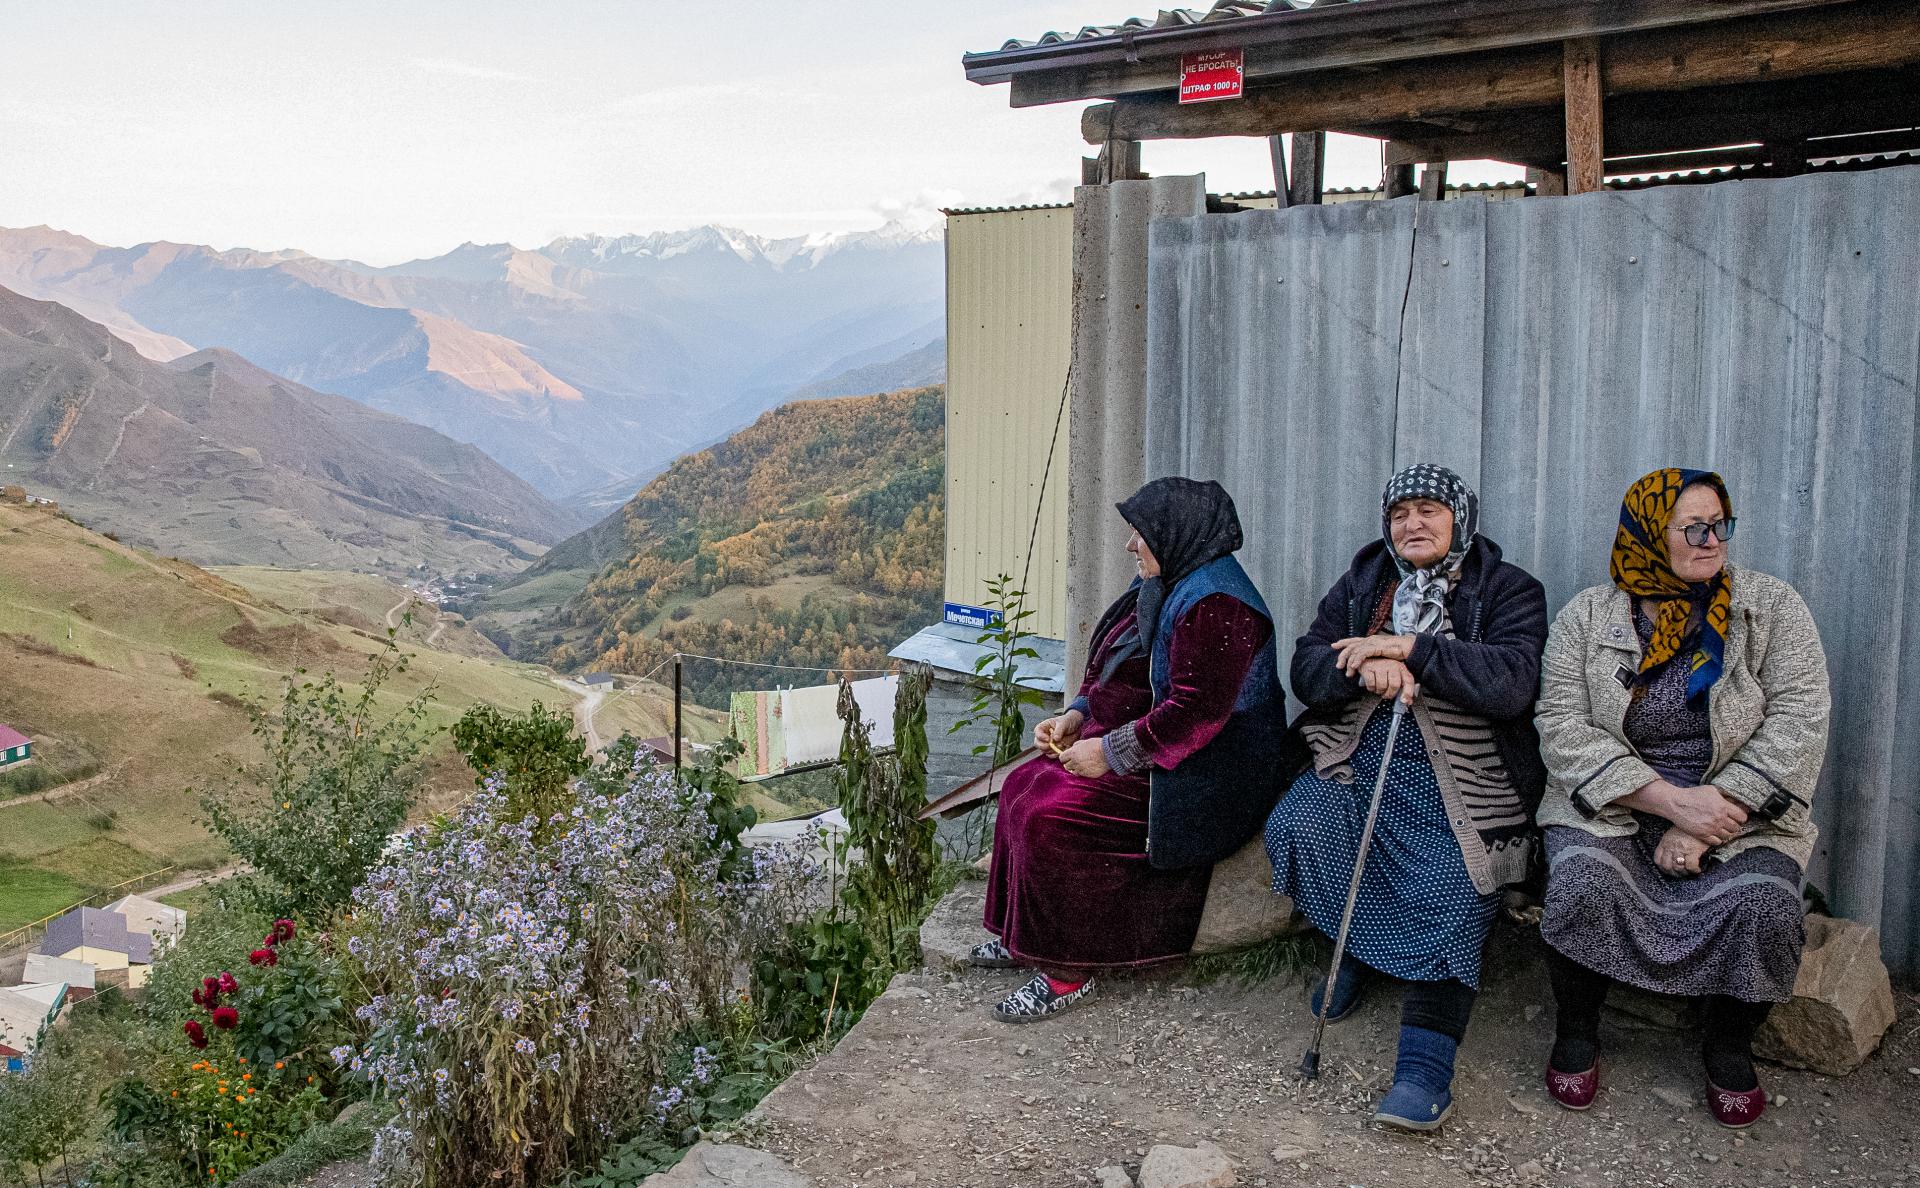 Чечня и Ненецкий АО стали лидерами по снижению продолжительности жизни